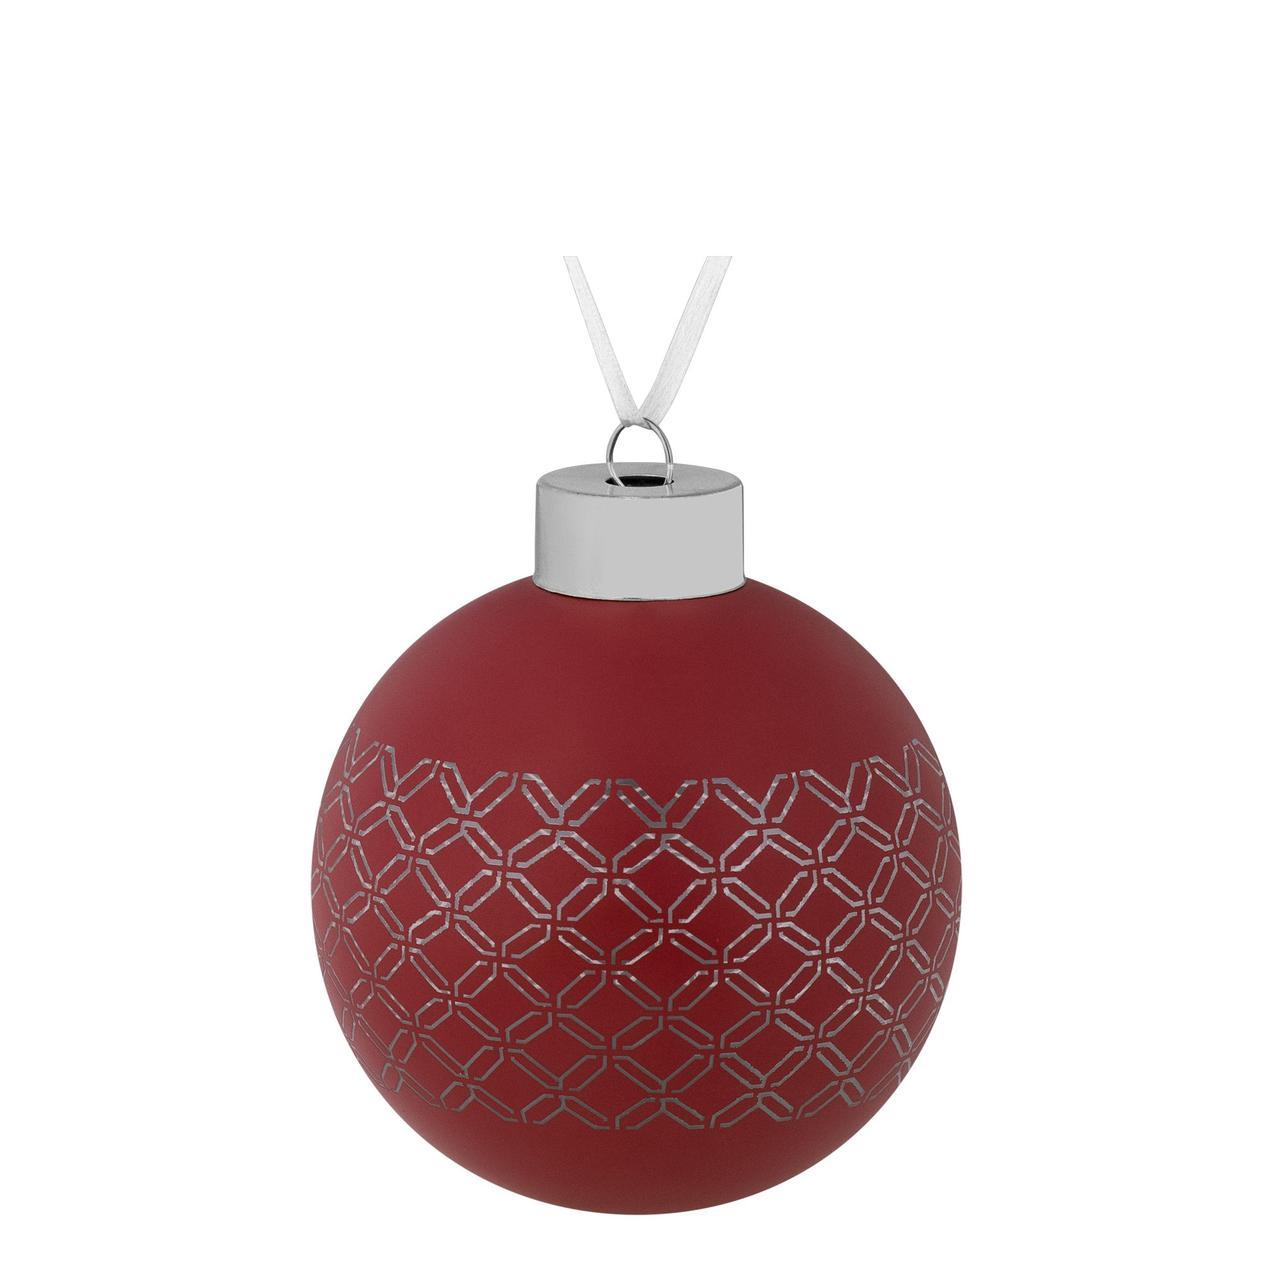 Елочный шар Queen, 8 см, красный (артикул 7171.50)